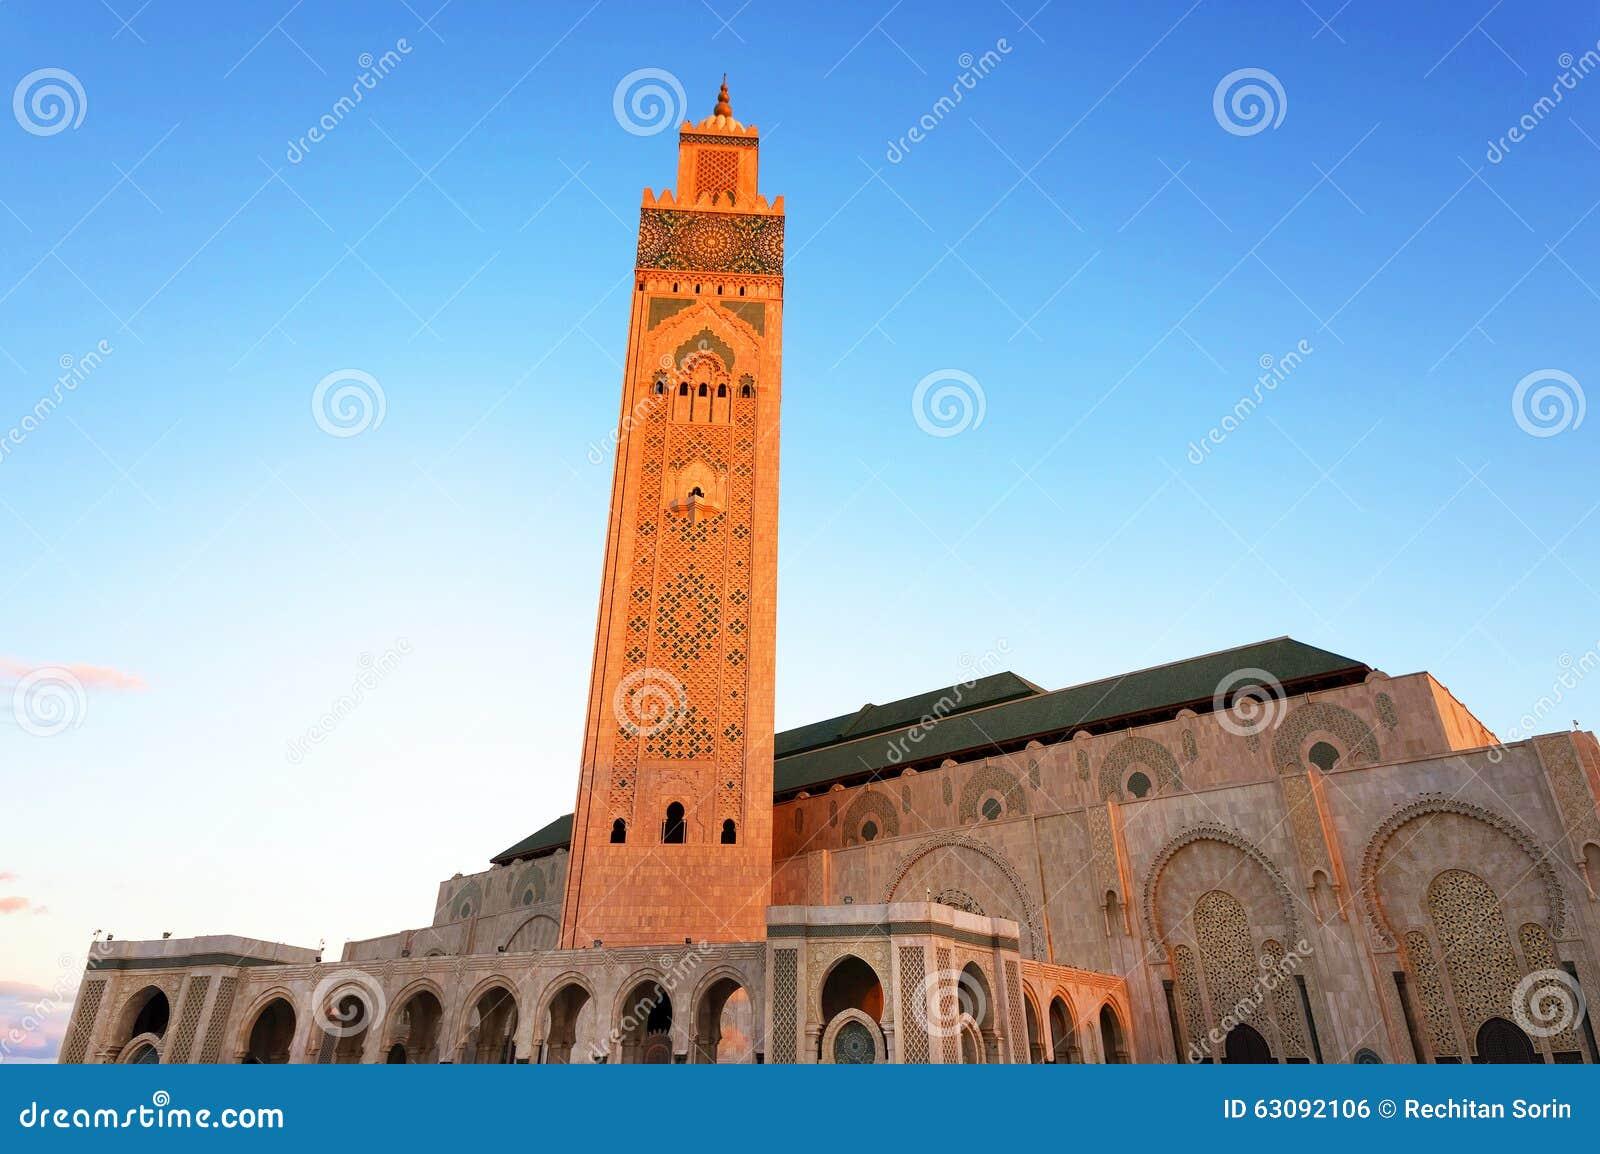 Download La mosquée de Hassan II photo stock. Image du architecture - 63092106